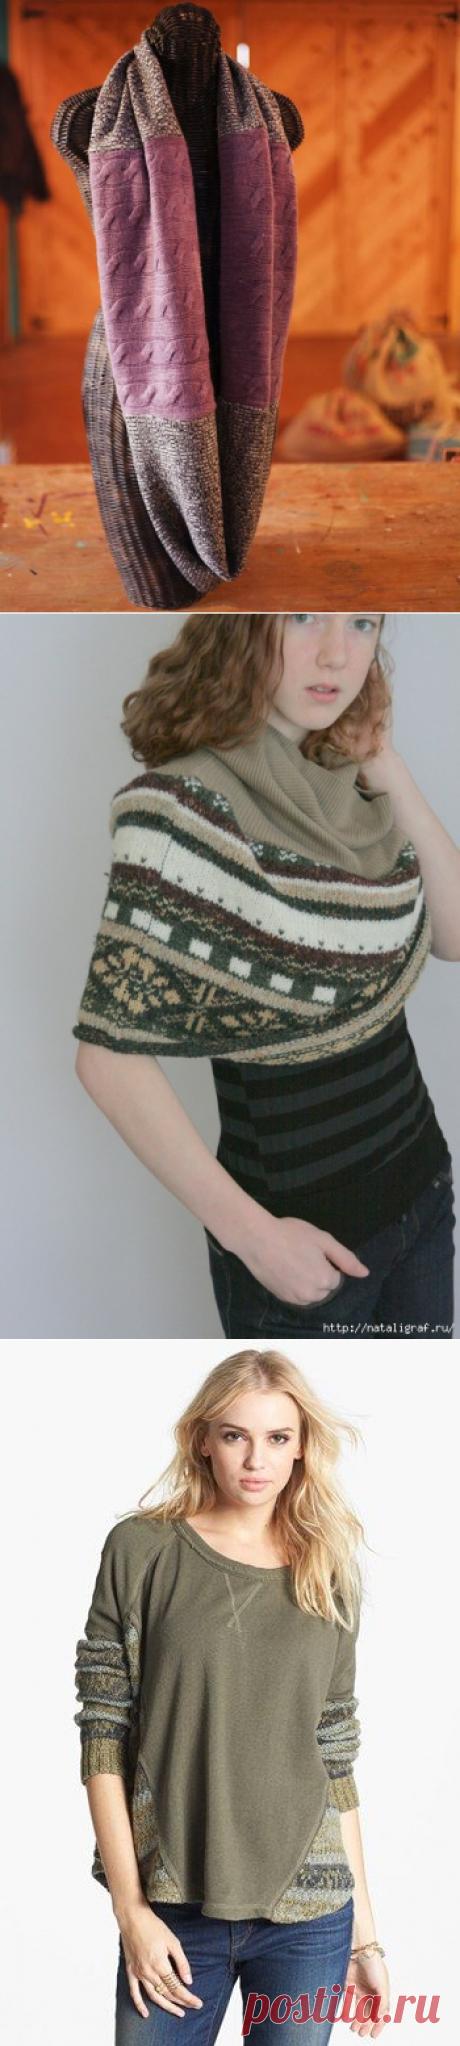 Из любимого прошлогоднего свитера